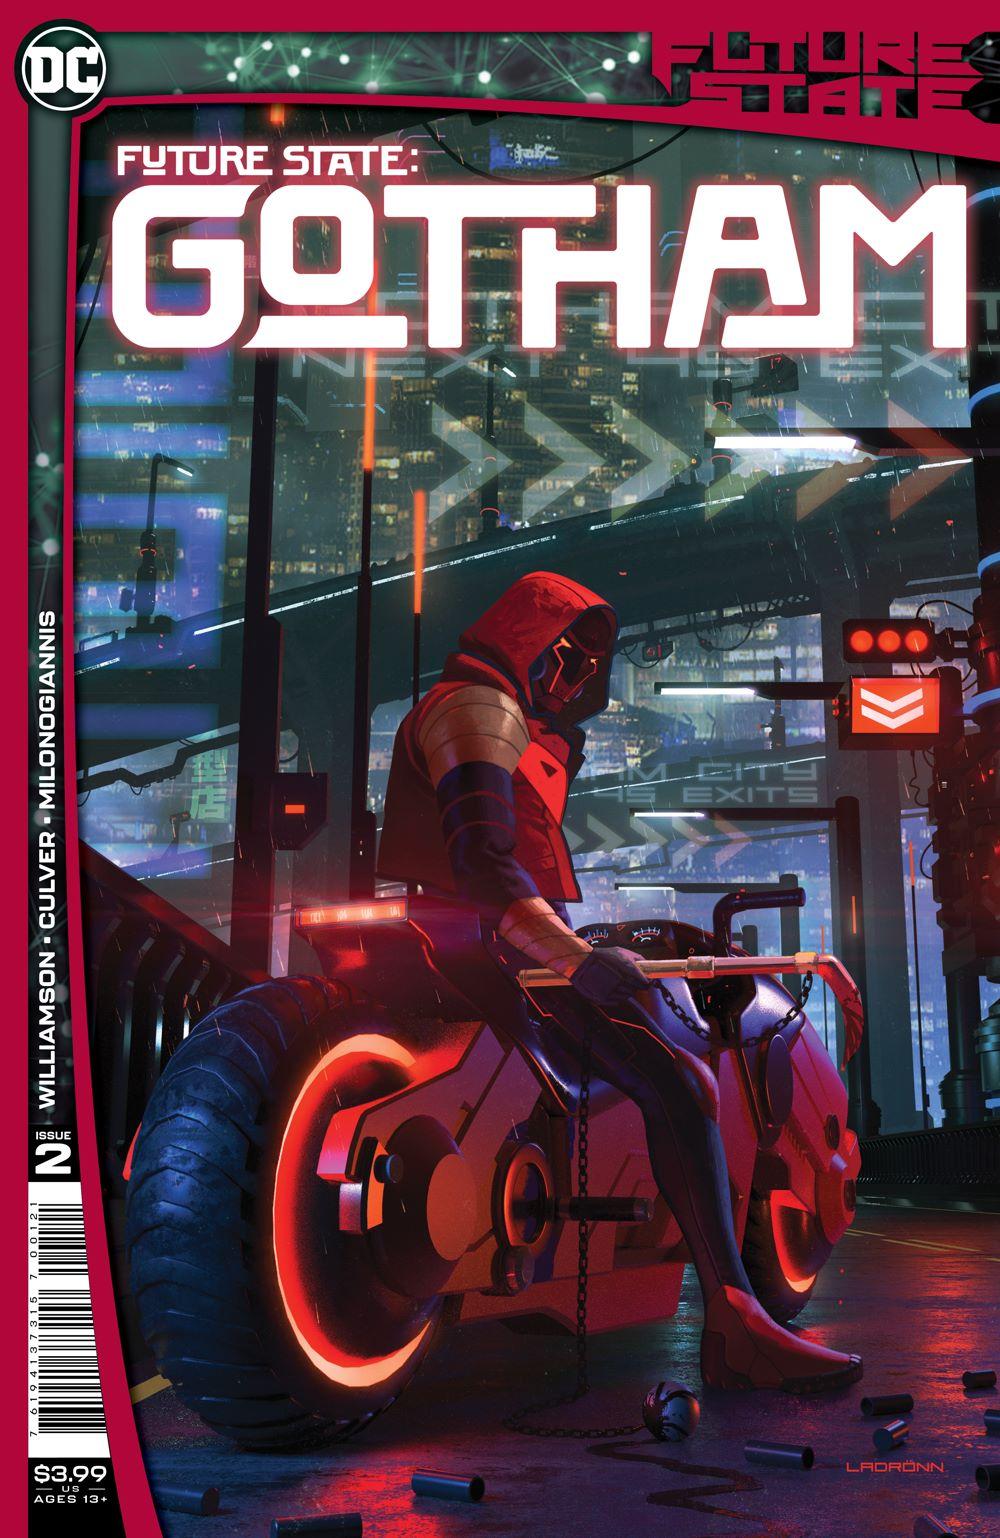 FS_GOTHAM_Cv2 DC Comics June 2021 Solicitations